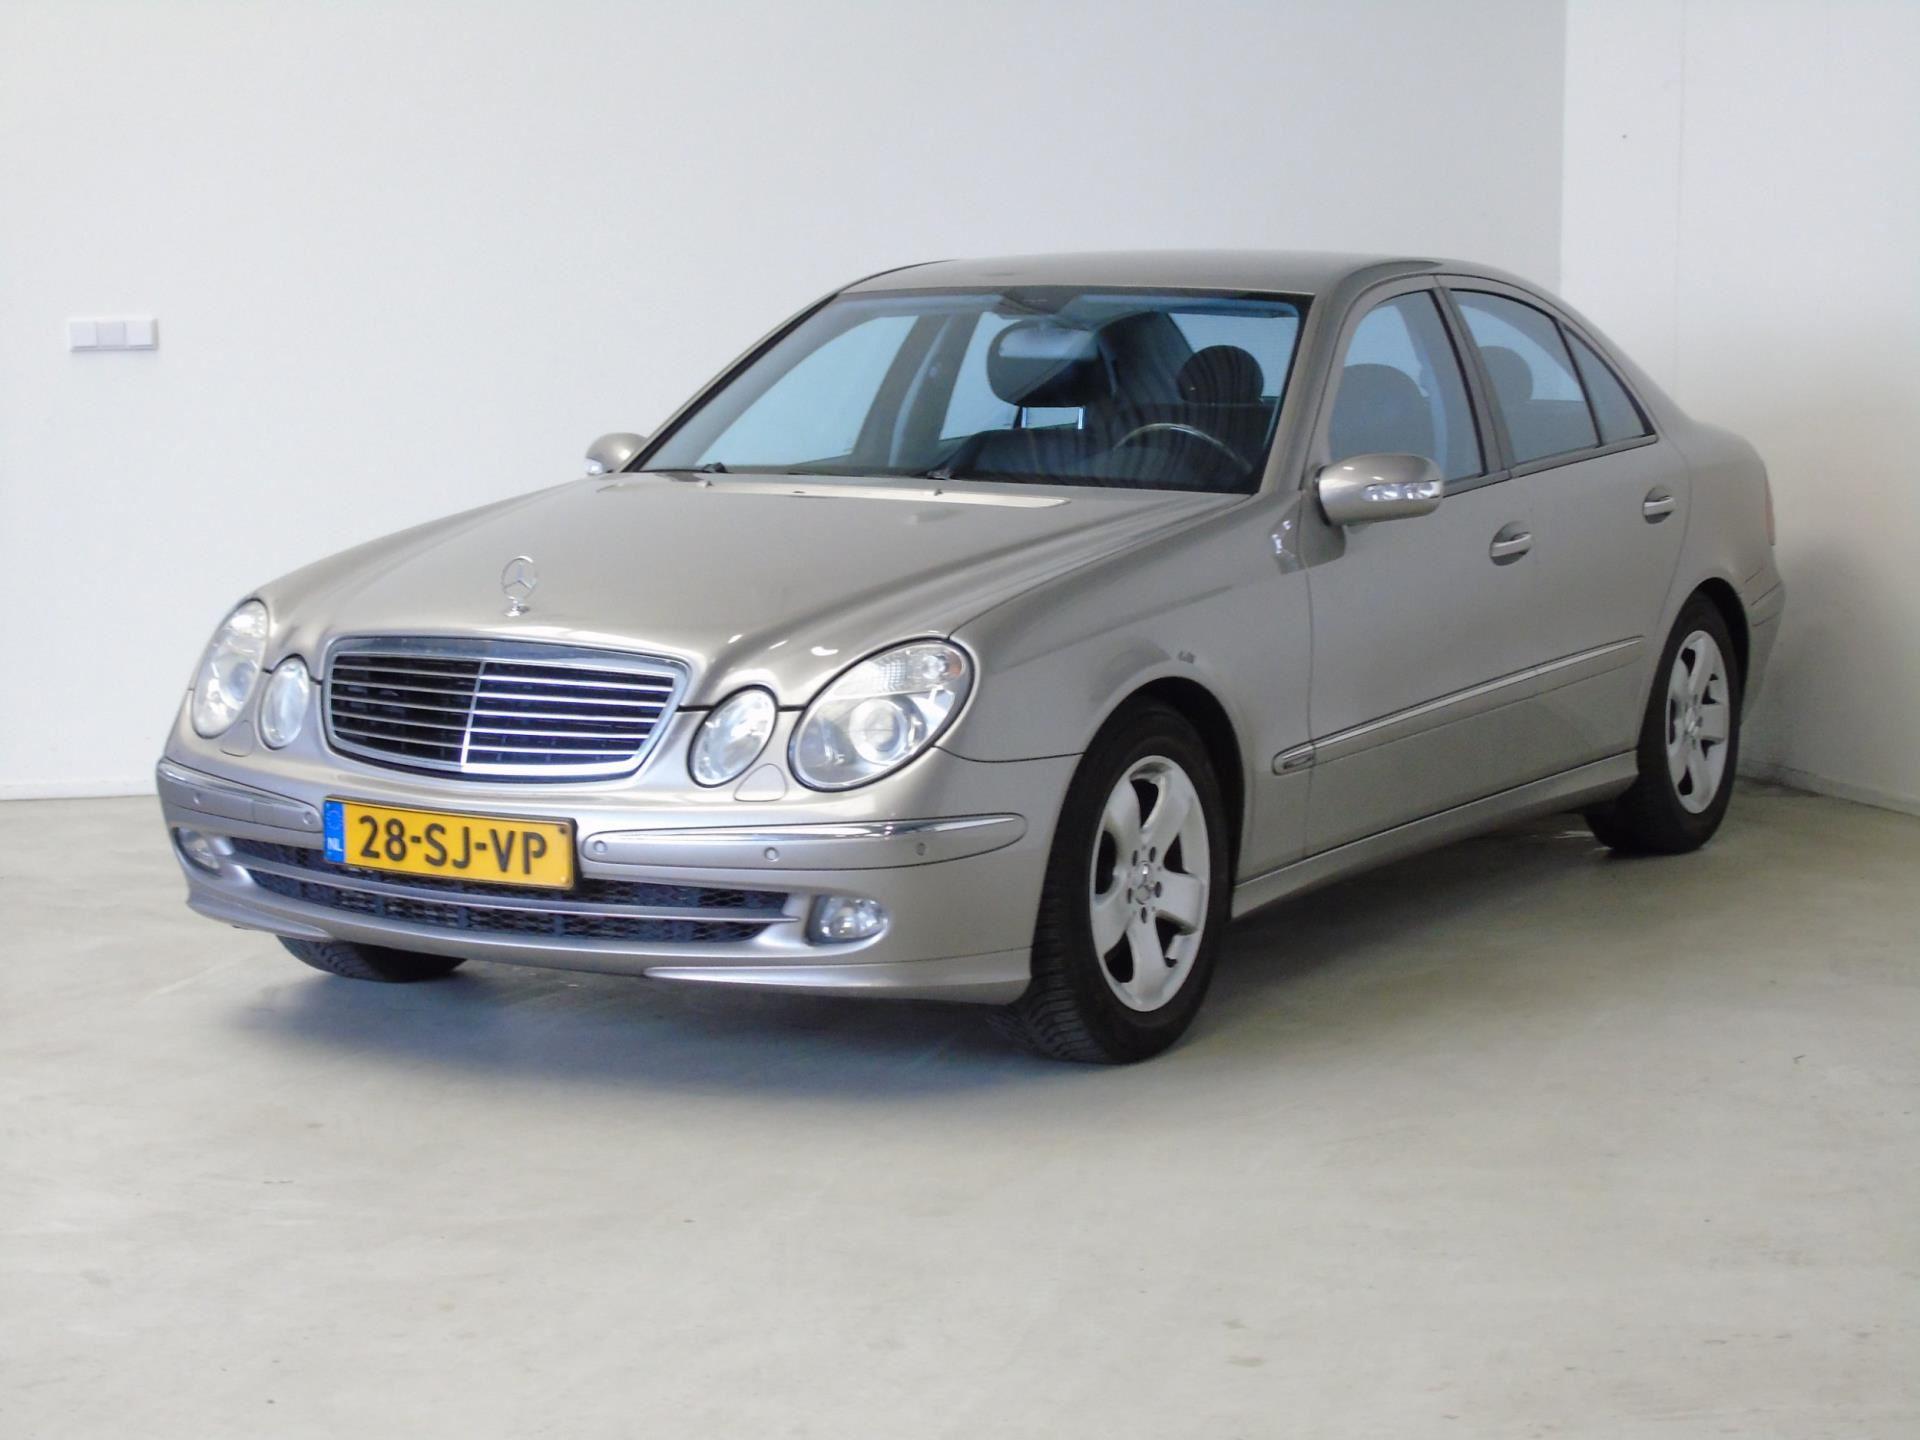 Mercedes-Benz E-klasse occasion - van Dijk auto's